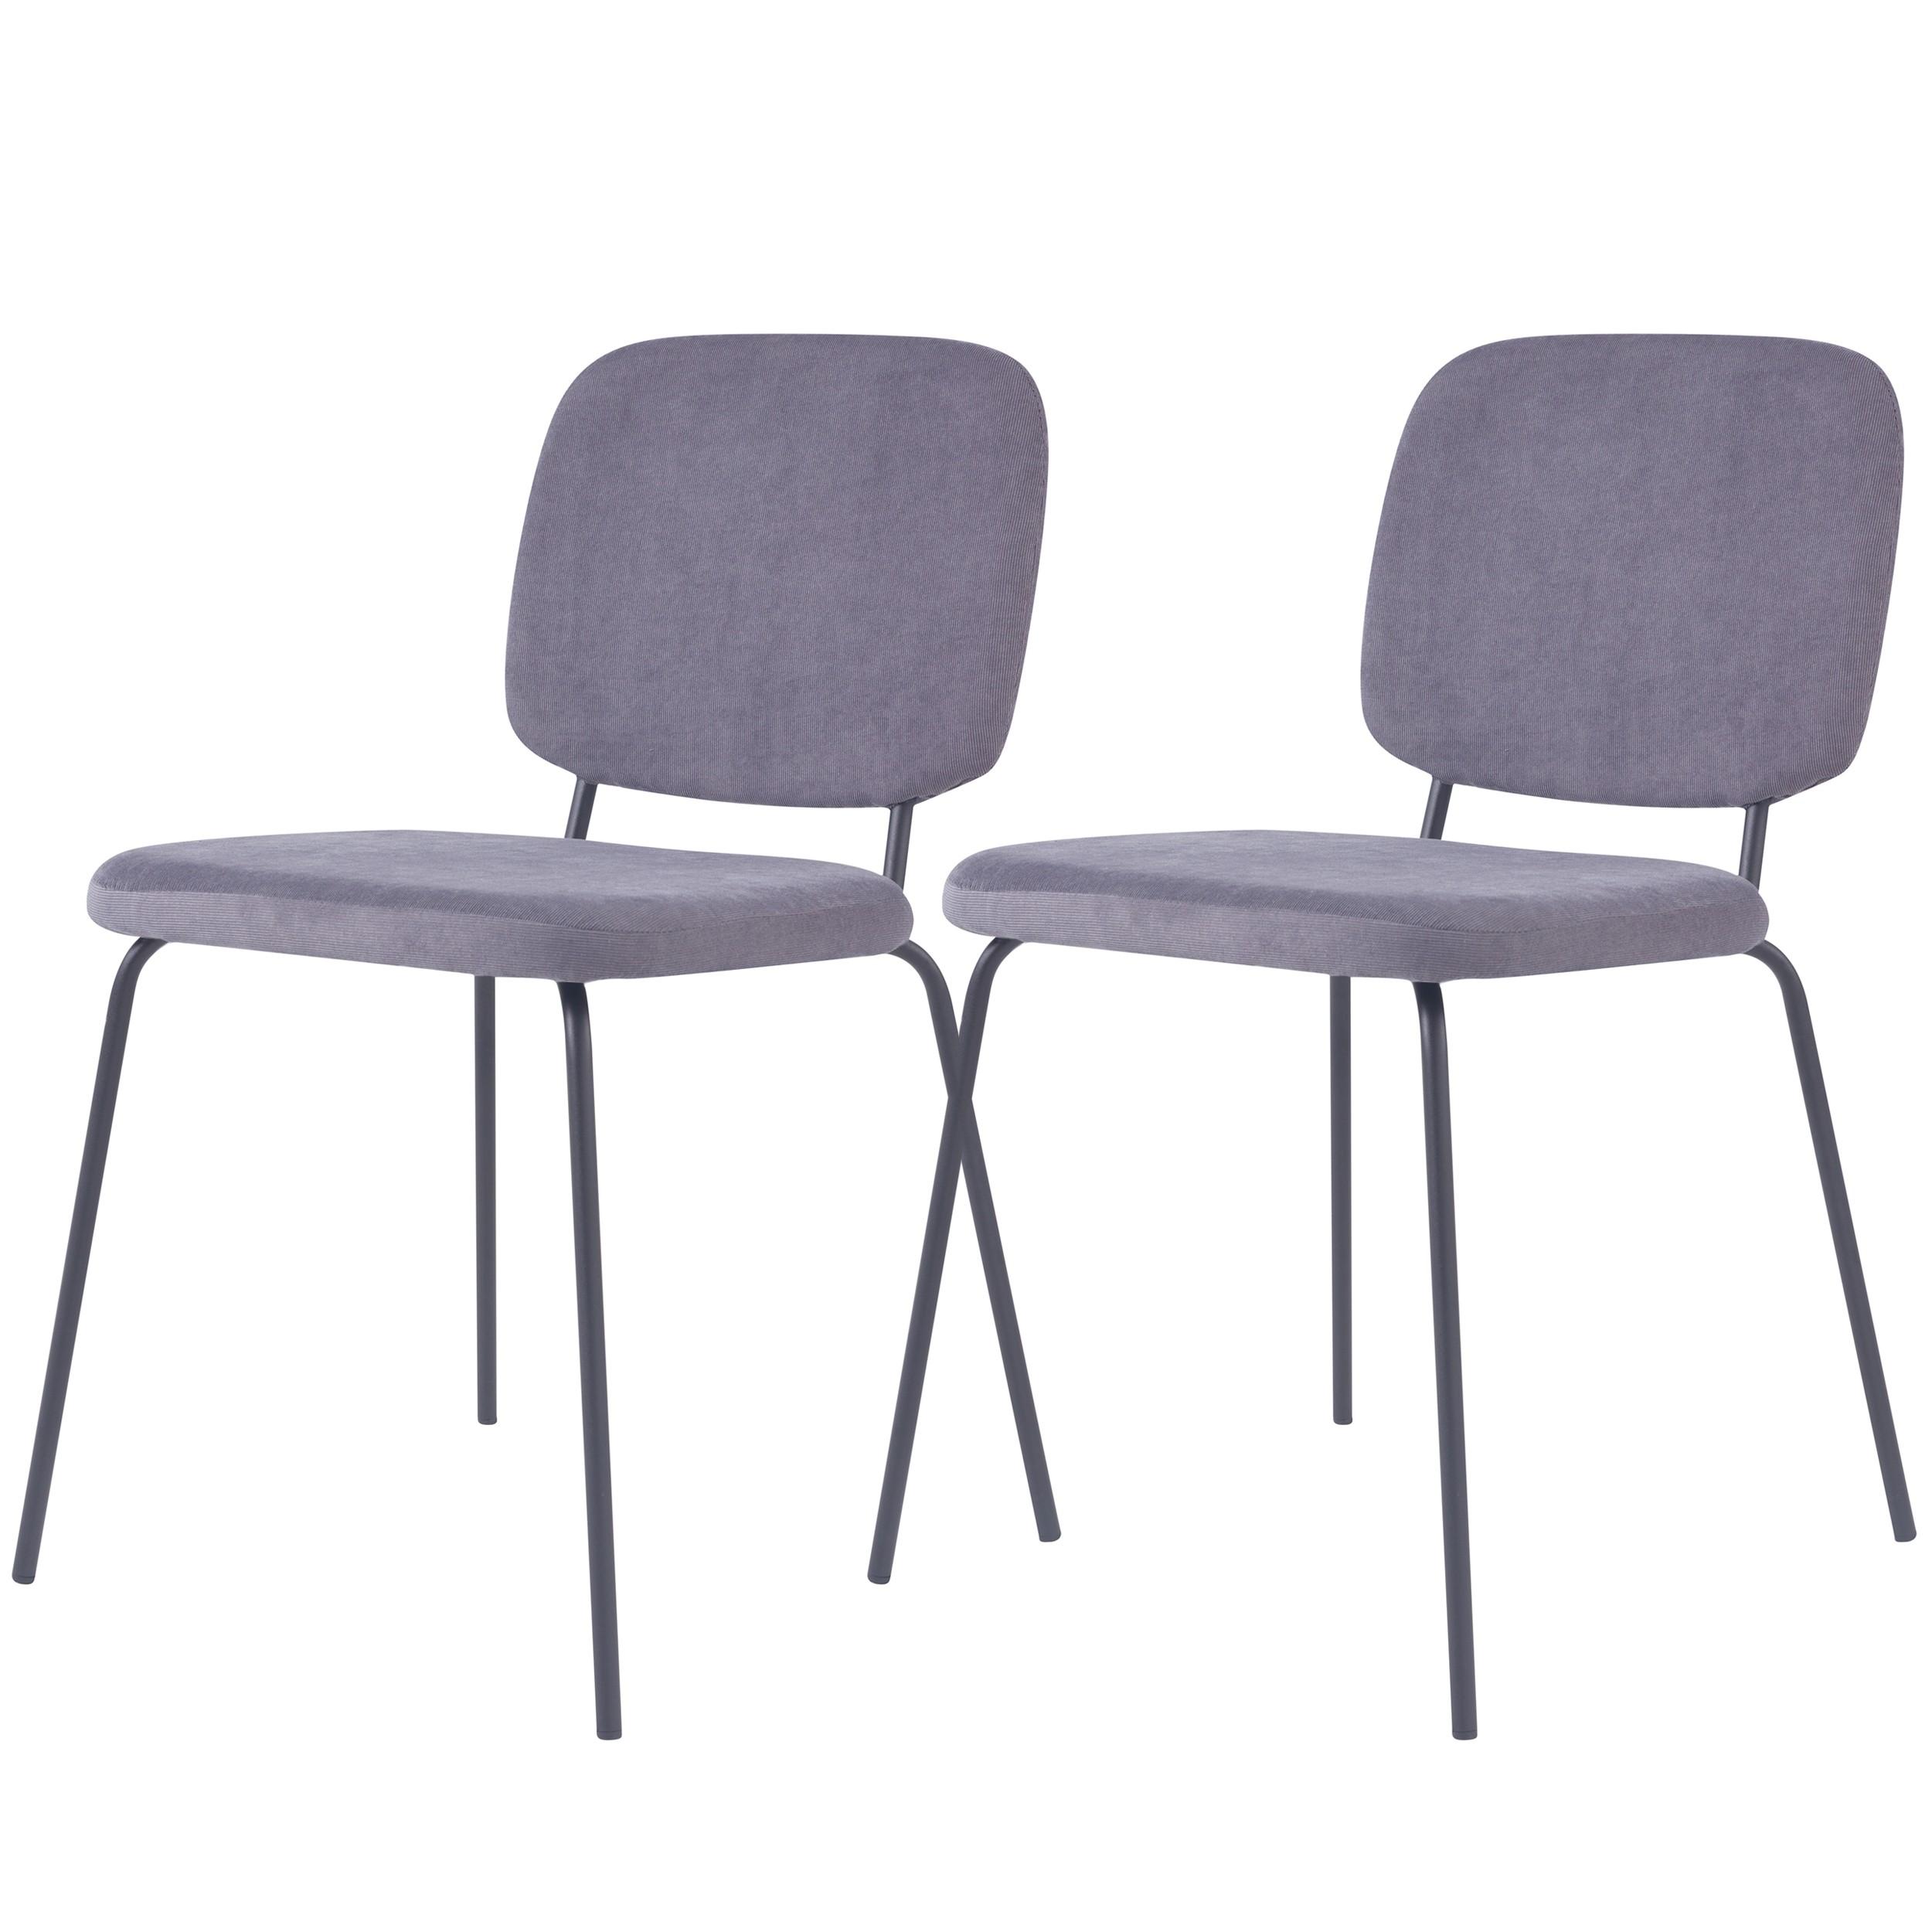 acheter chaise en velours cotele grise